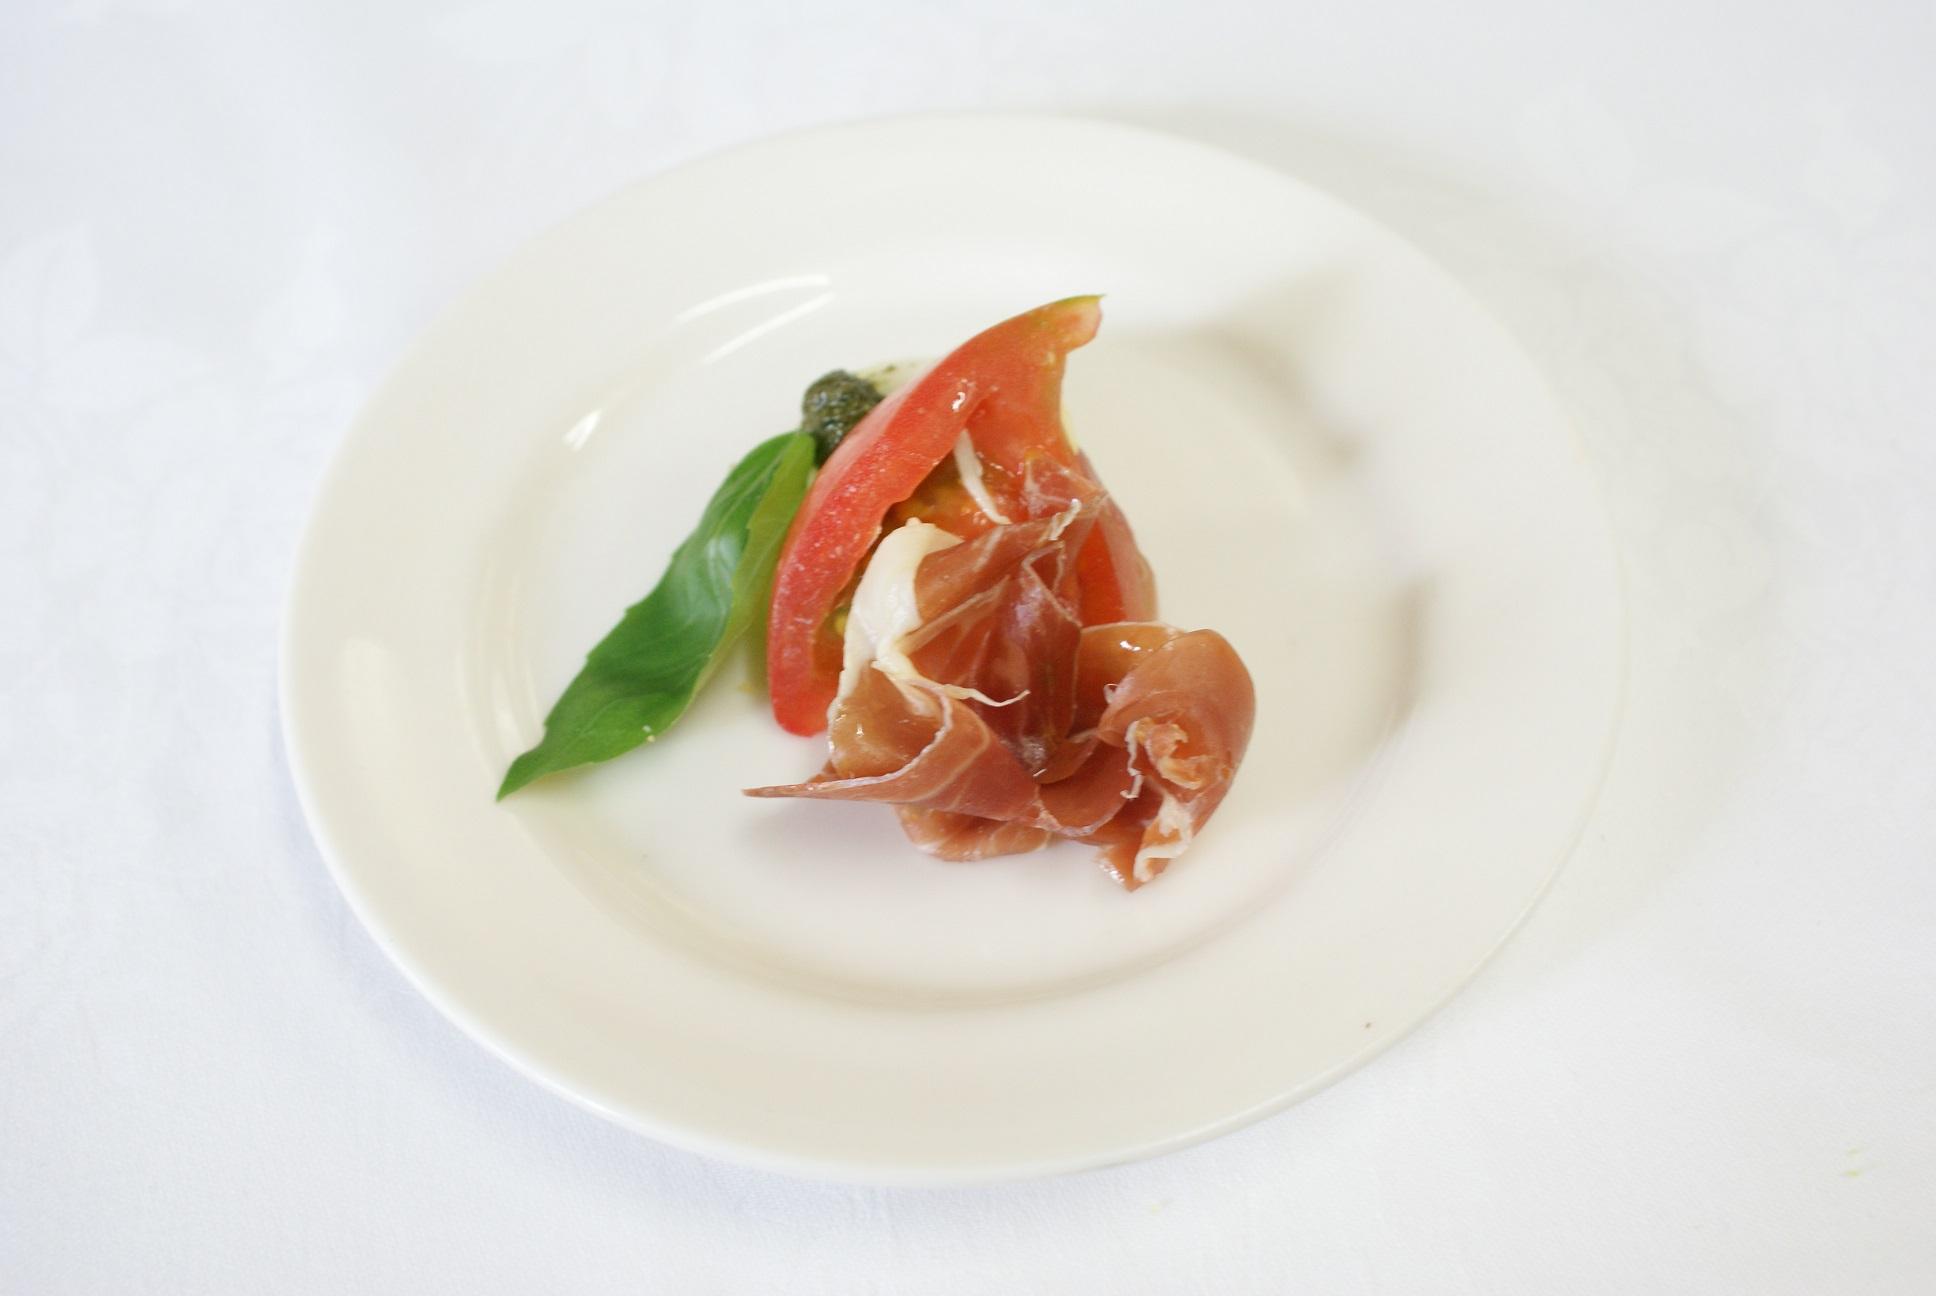 【完全個別包装のカップオードヴル】牛肉のソテーとフォアグラのロッシーニ風 と選べるカップオードヴル画像4